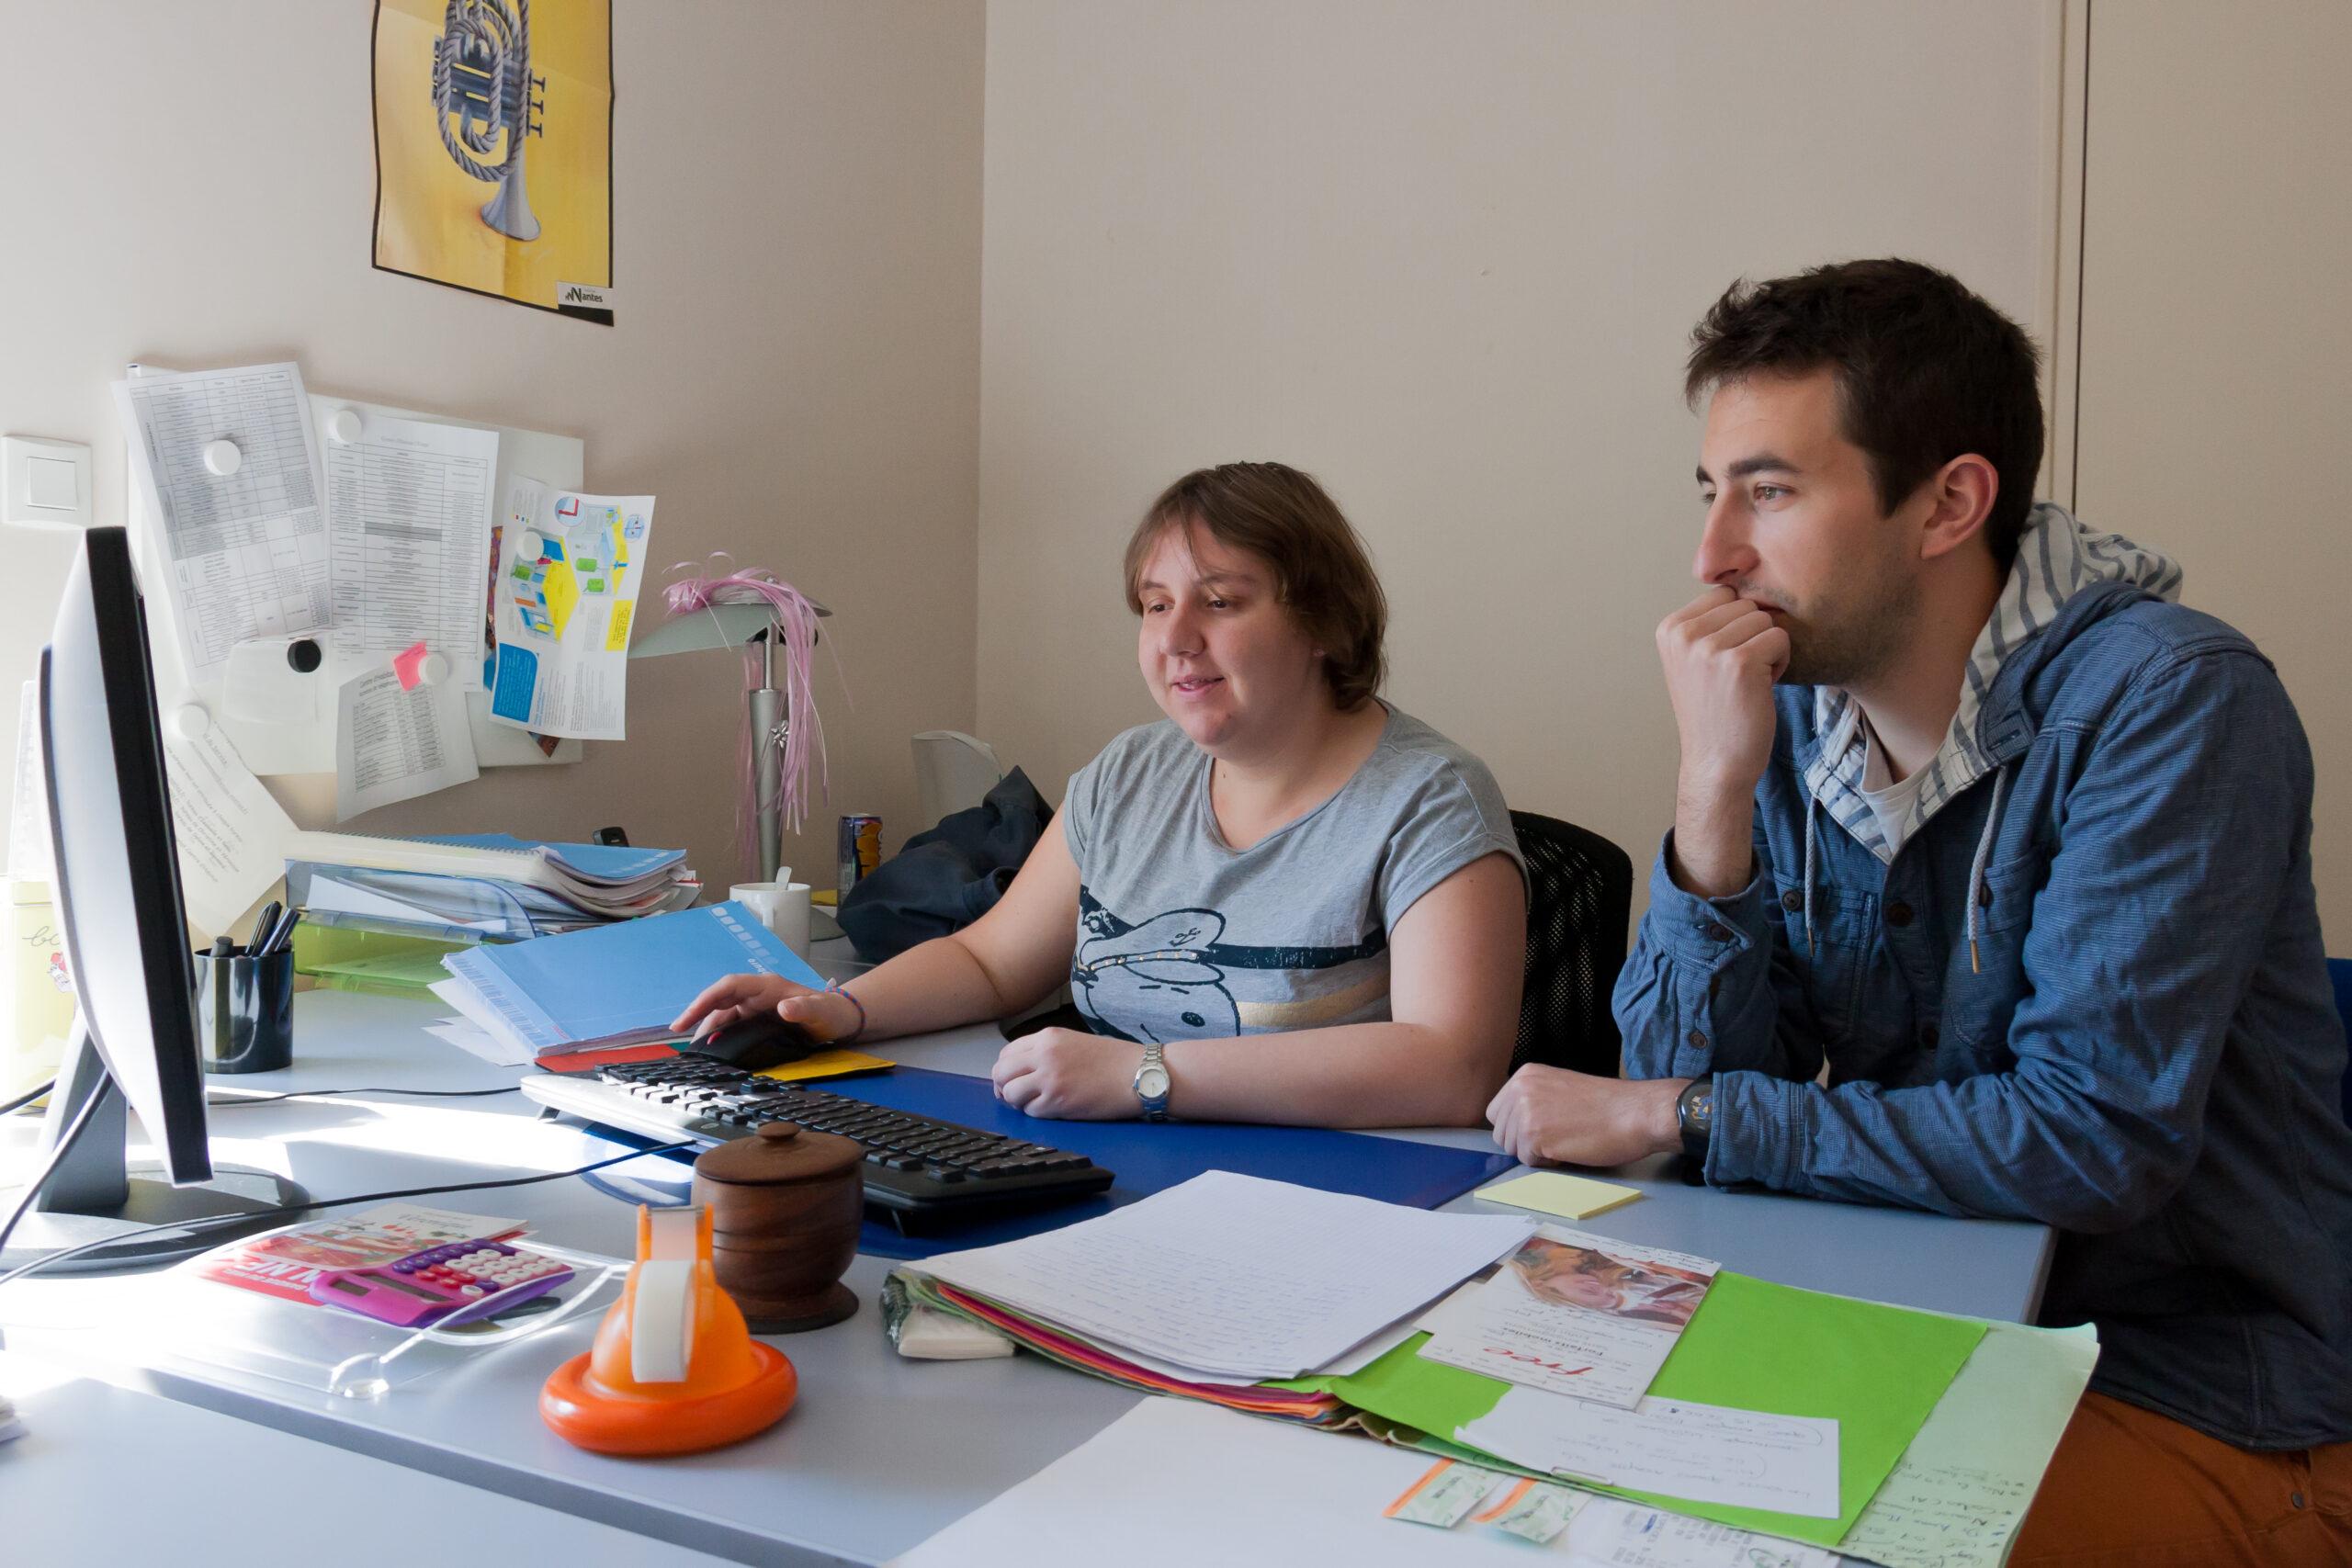 Aide et accompagnement à domicile personnes handicapées